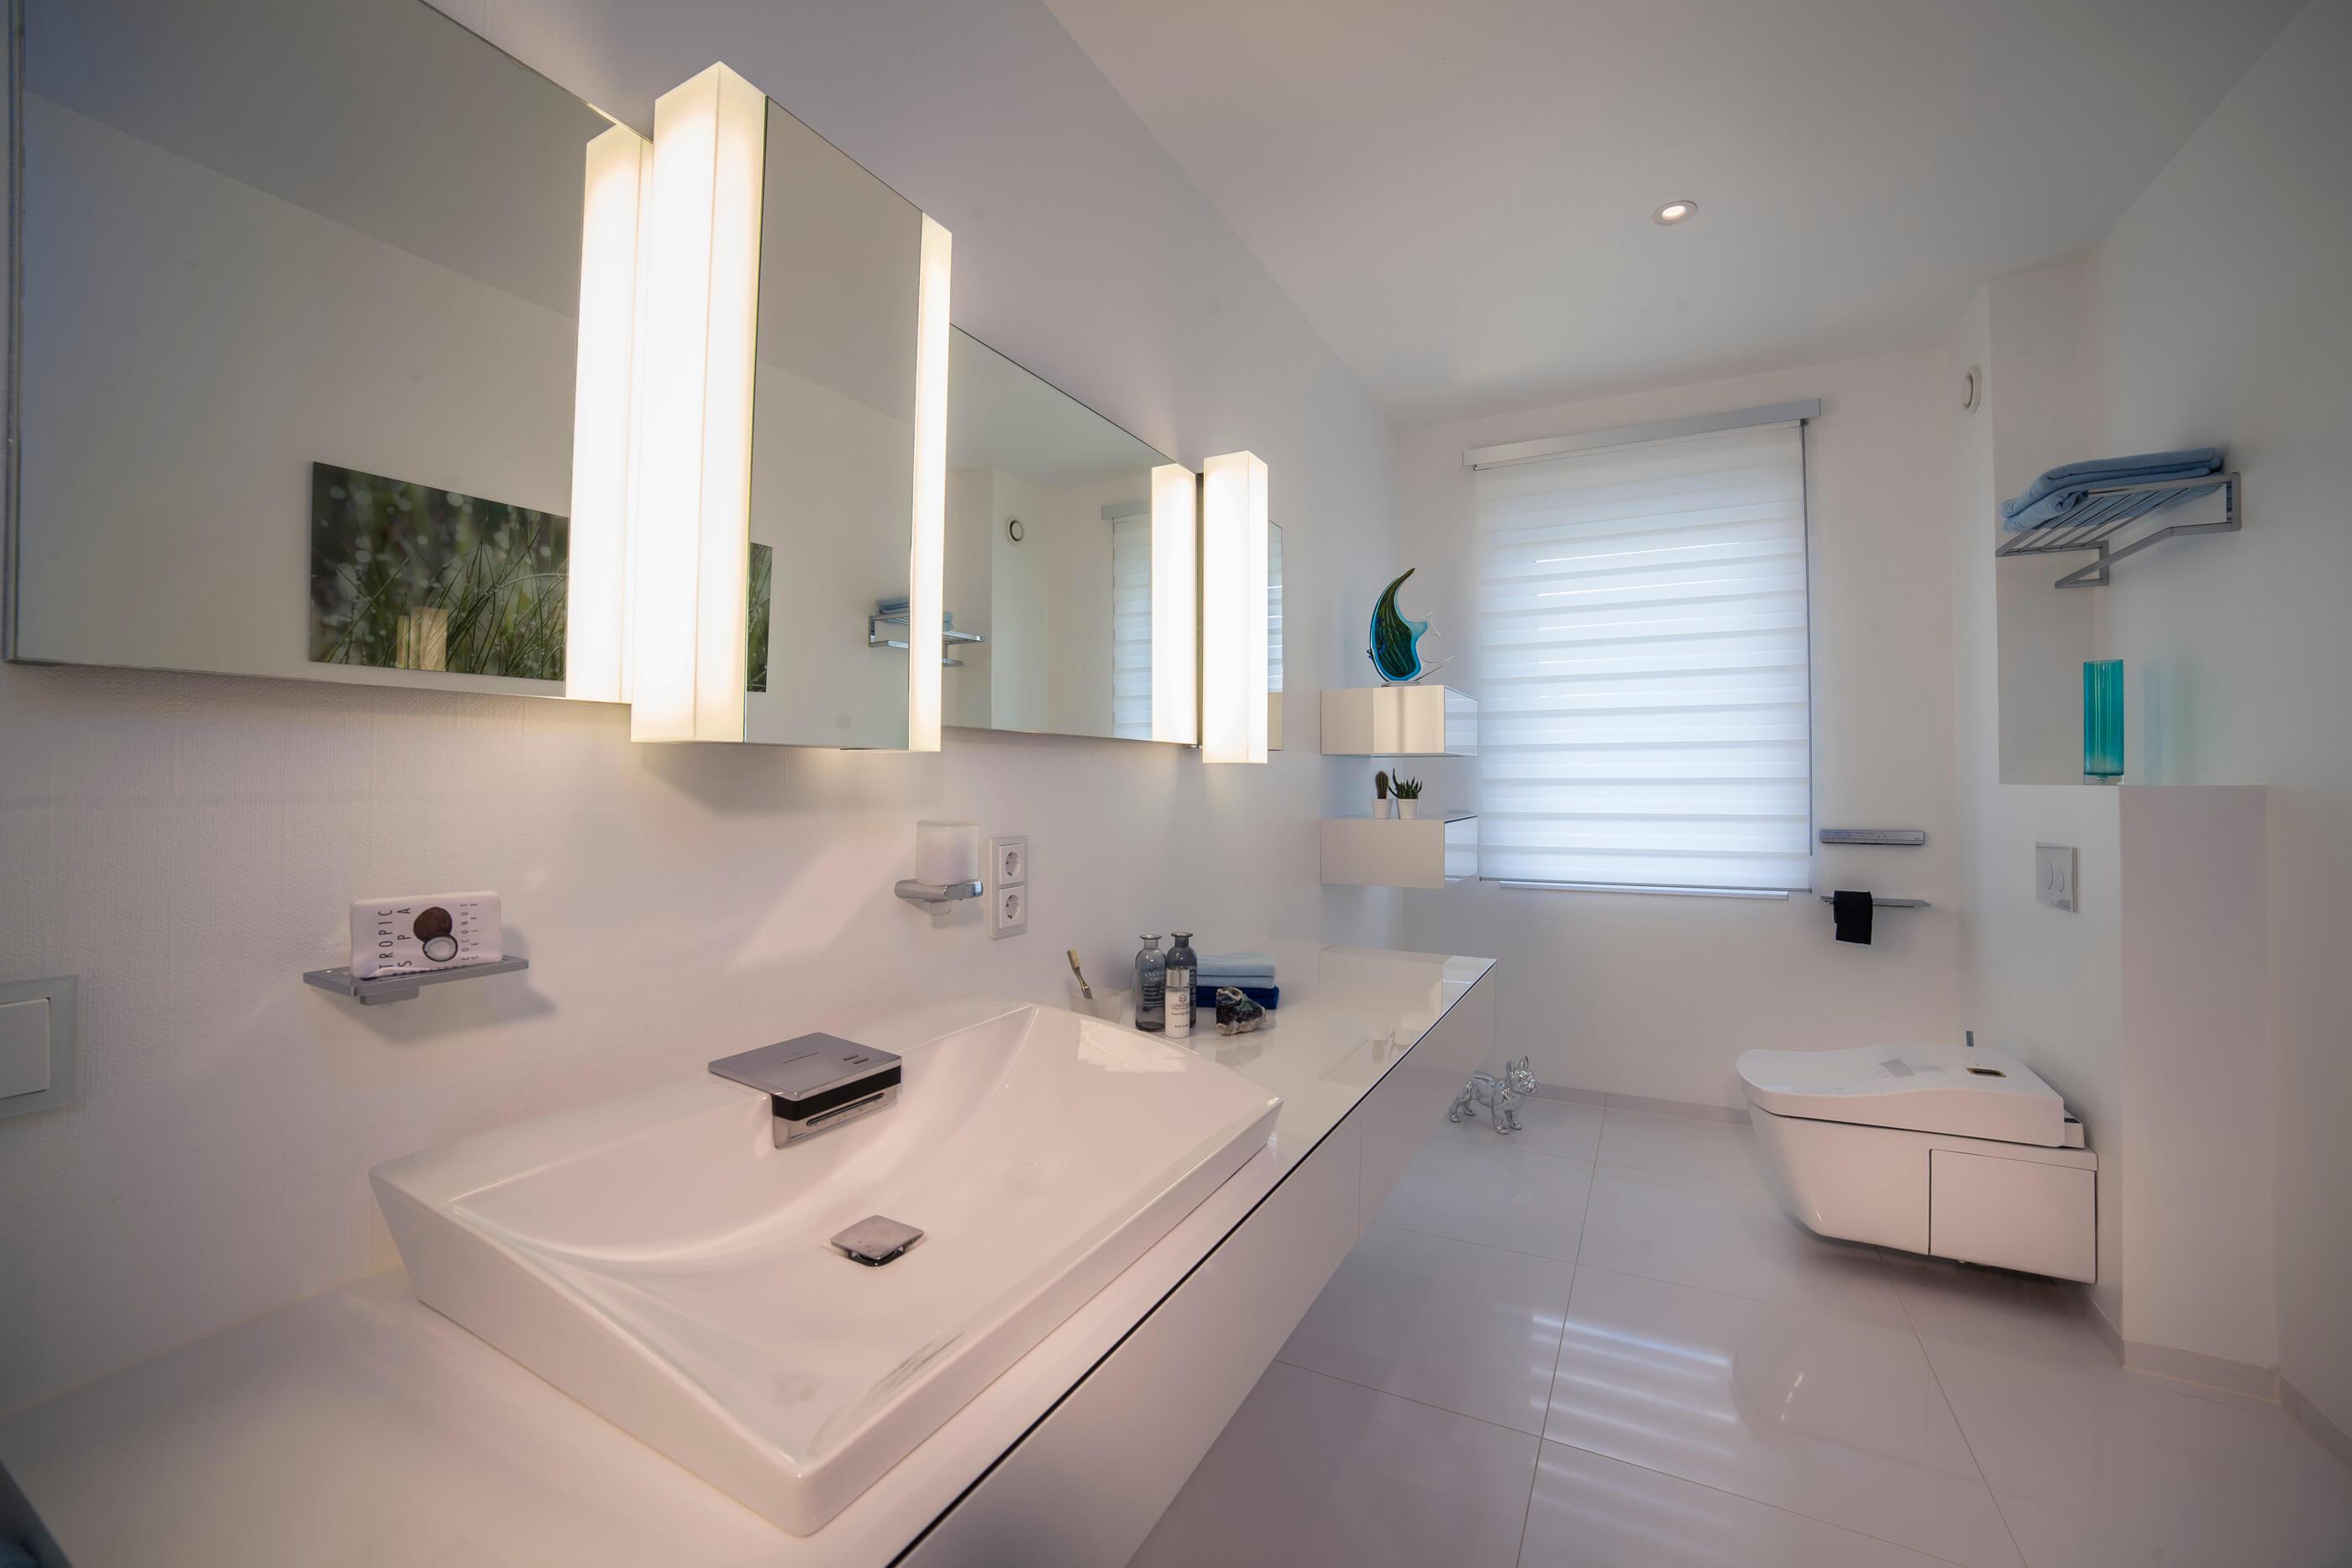 Dusche Wc Planung Kleines Gaste Wc Neueste Waschbecken